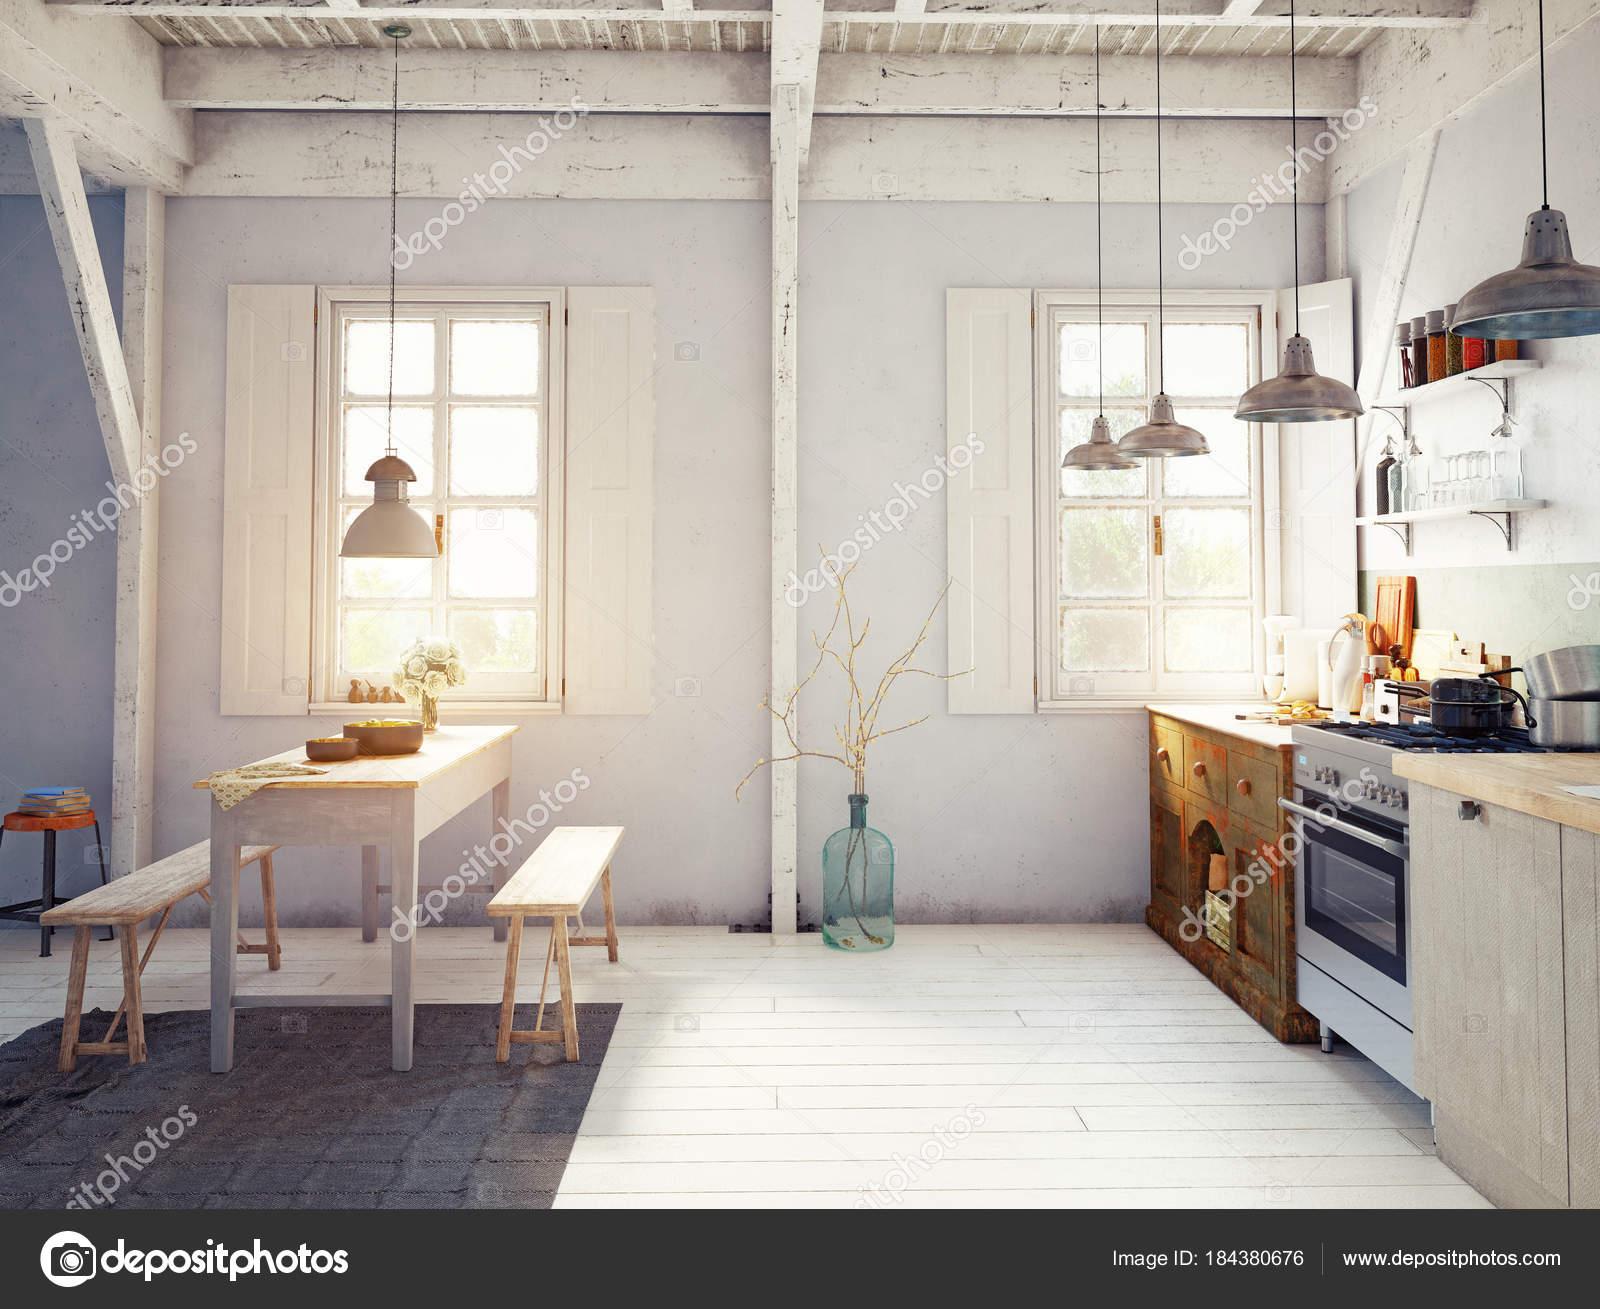 Unglaublich Küche Vintage Dekoration Von Vorderansicht Des Stil Küche Interieur Mit Holztisch